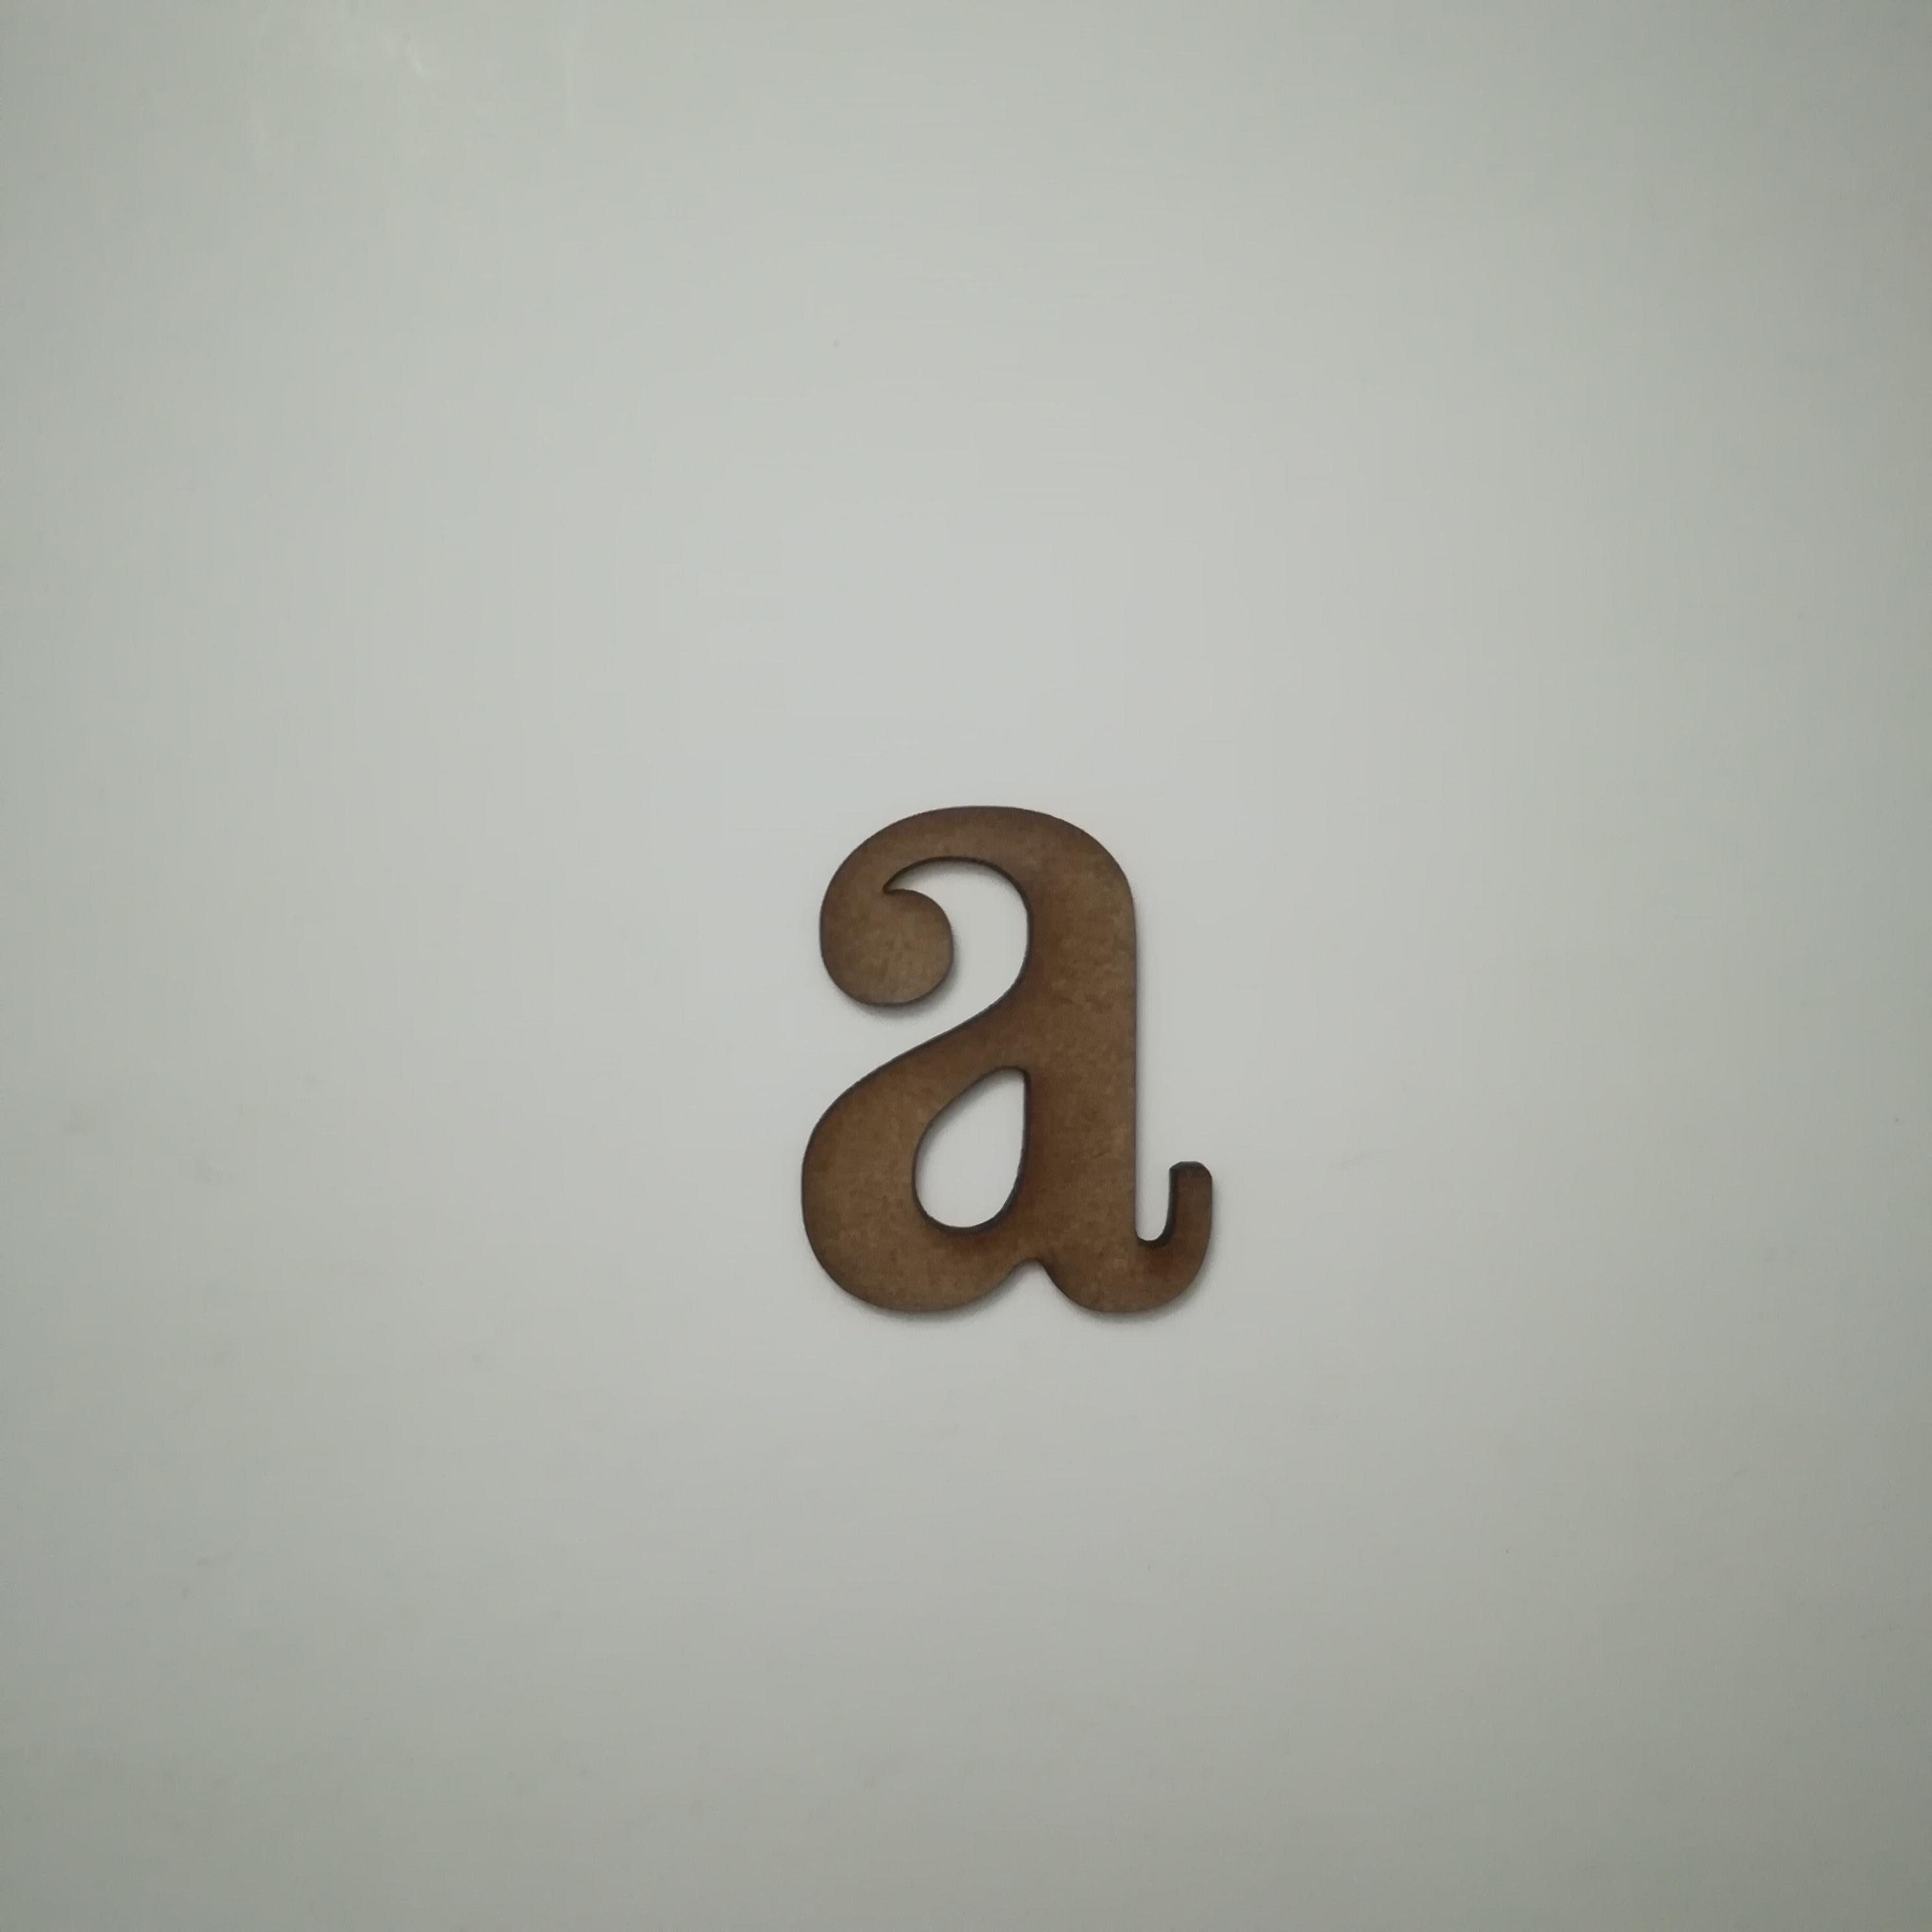 Letra A cuatrotrece minuscula